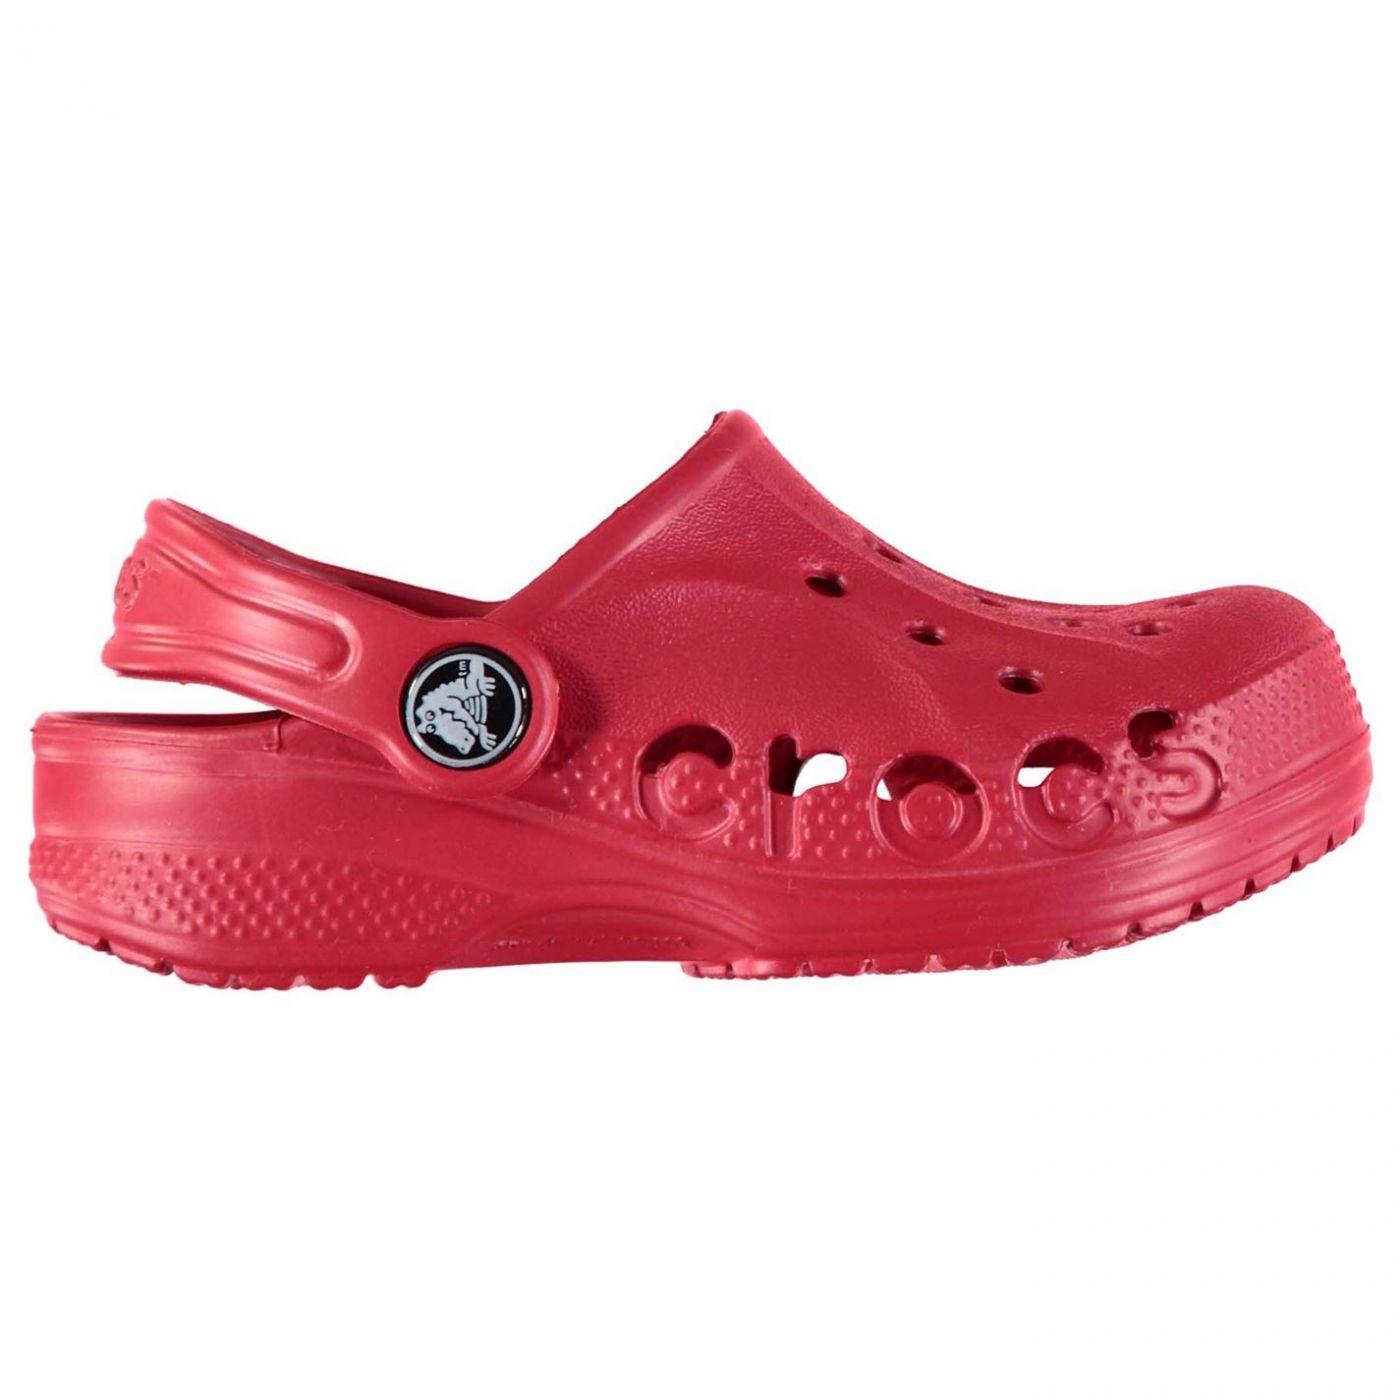 Crocs Baya Infants Clogs